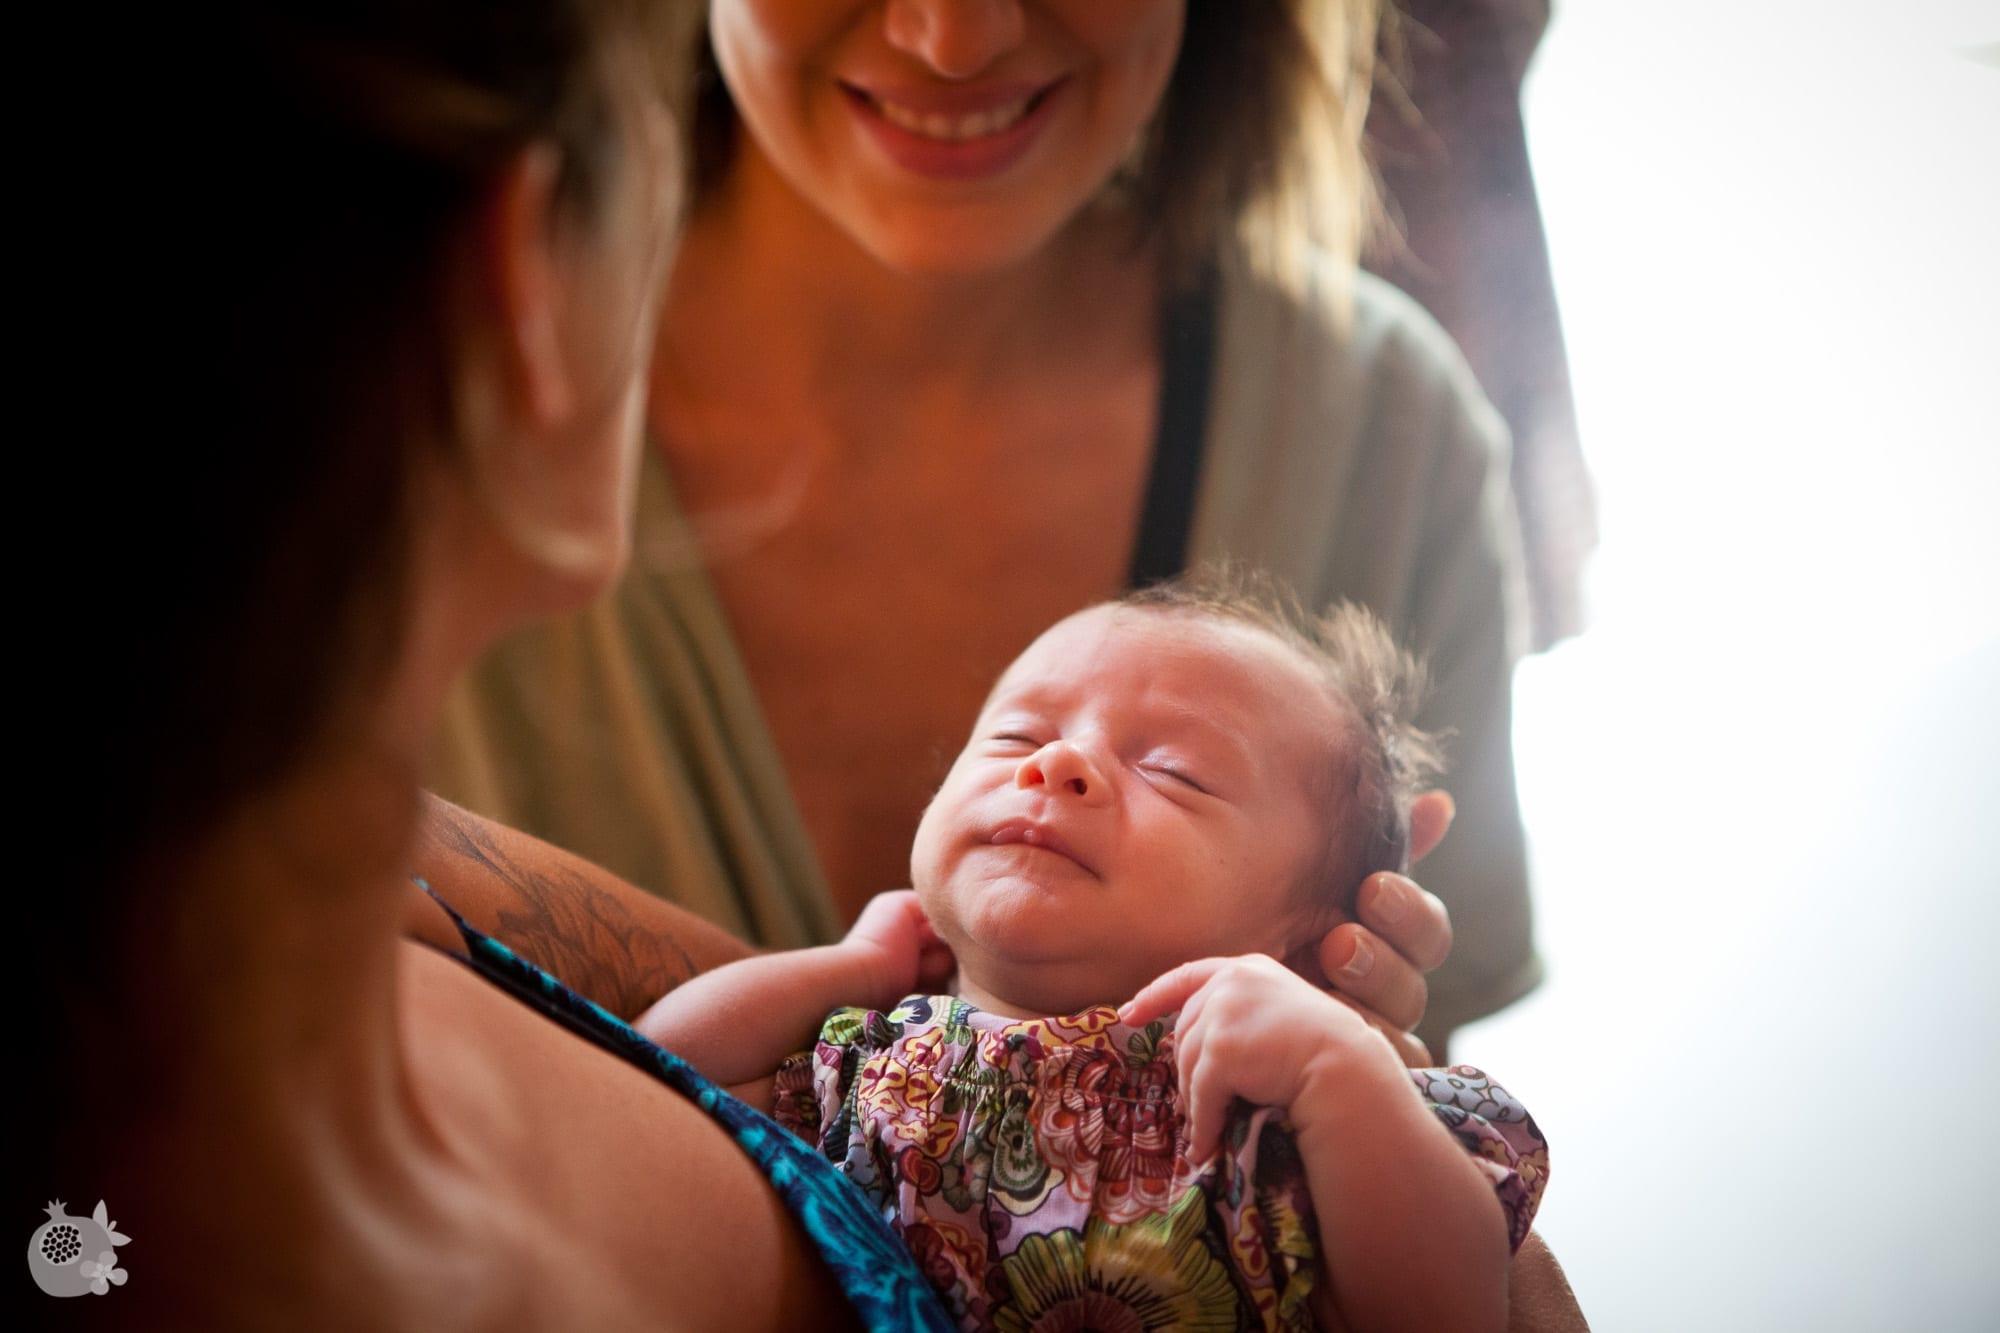 Mães precisam de apoio e trocar experiências (Foto: Gabi Trevisan)